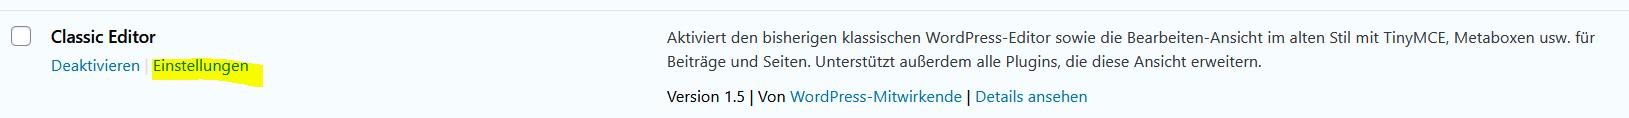 Erlaube Benutzern, den Editor zu wechseln - Classic Editor